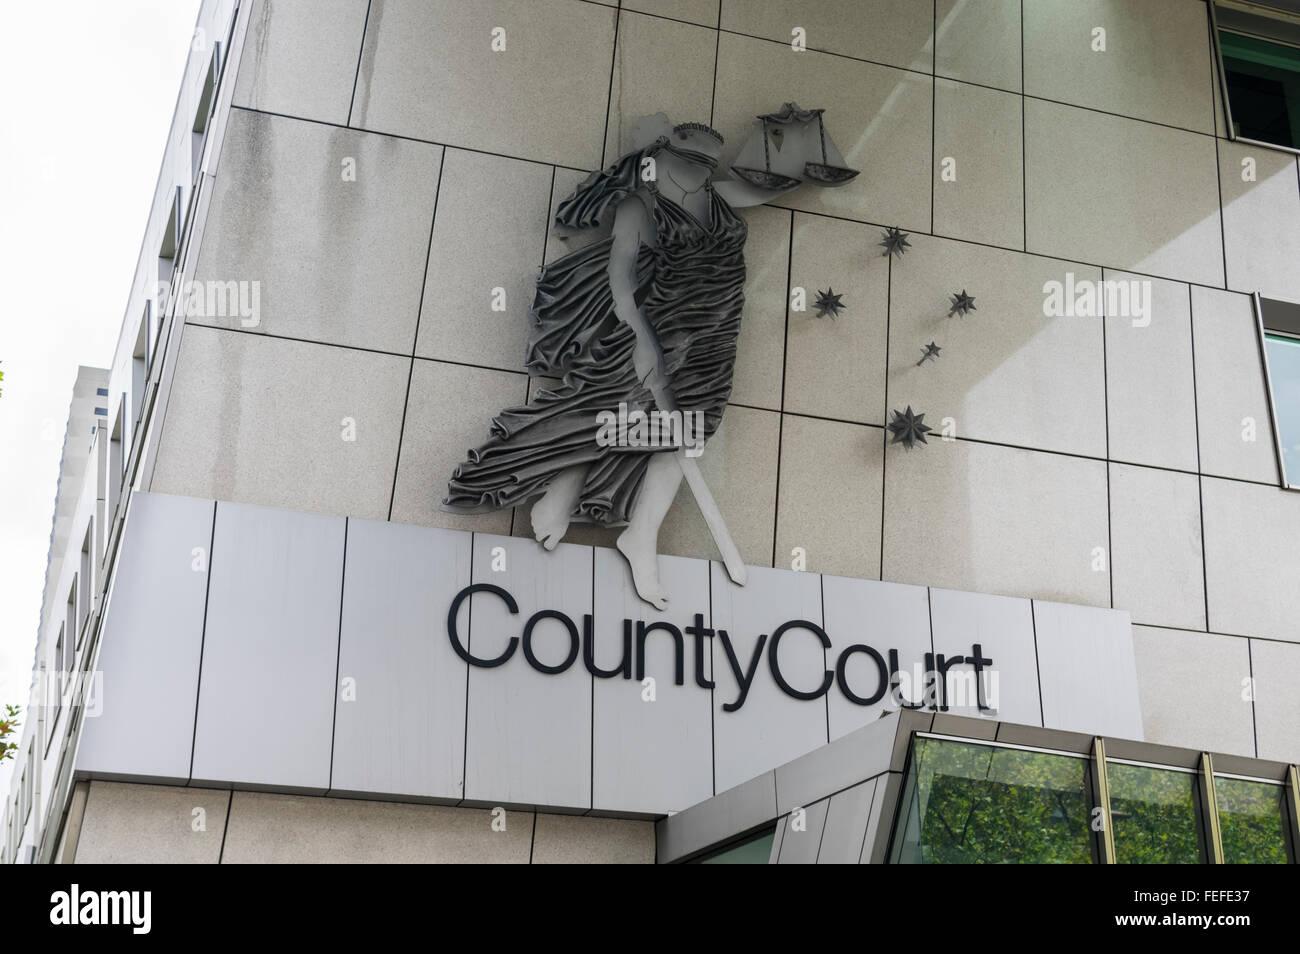 Gli occhi bendati Lady giustizia con la spada e l'equilibrio sul muro del tribunale di contea edificio, Melbourne, Immagini Stock